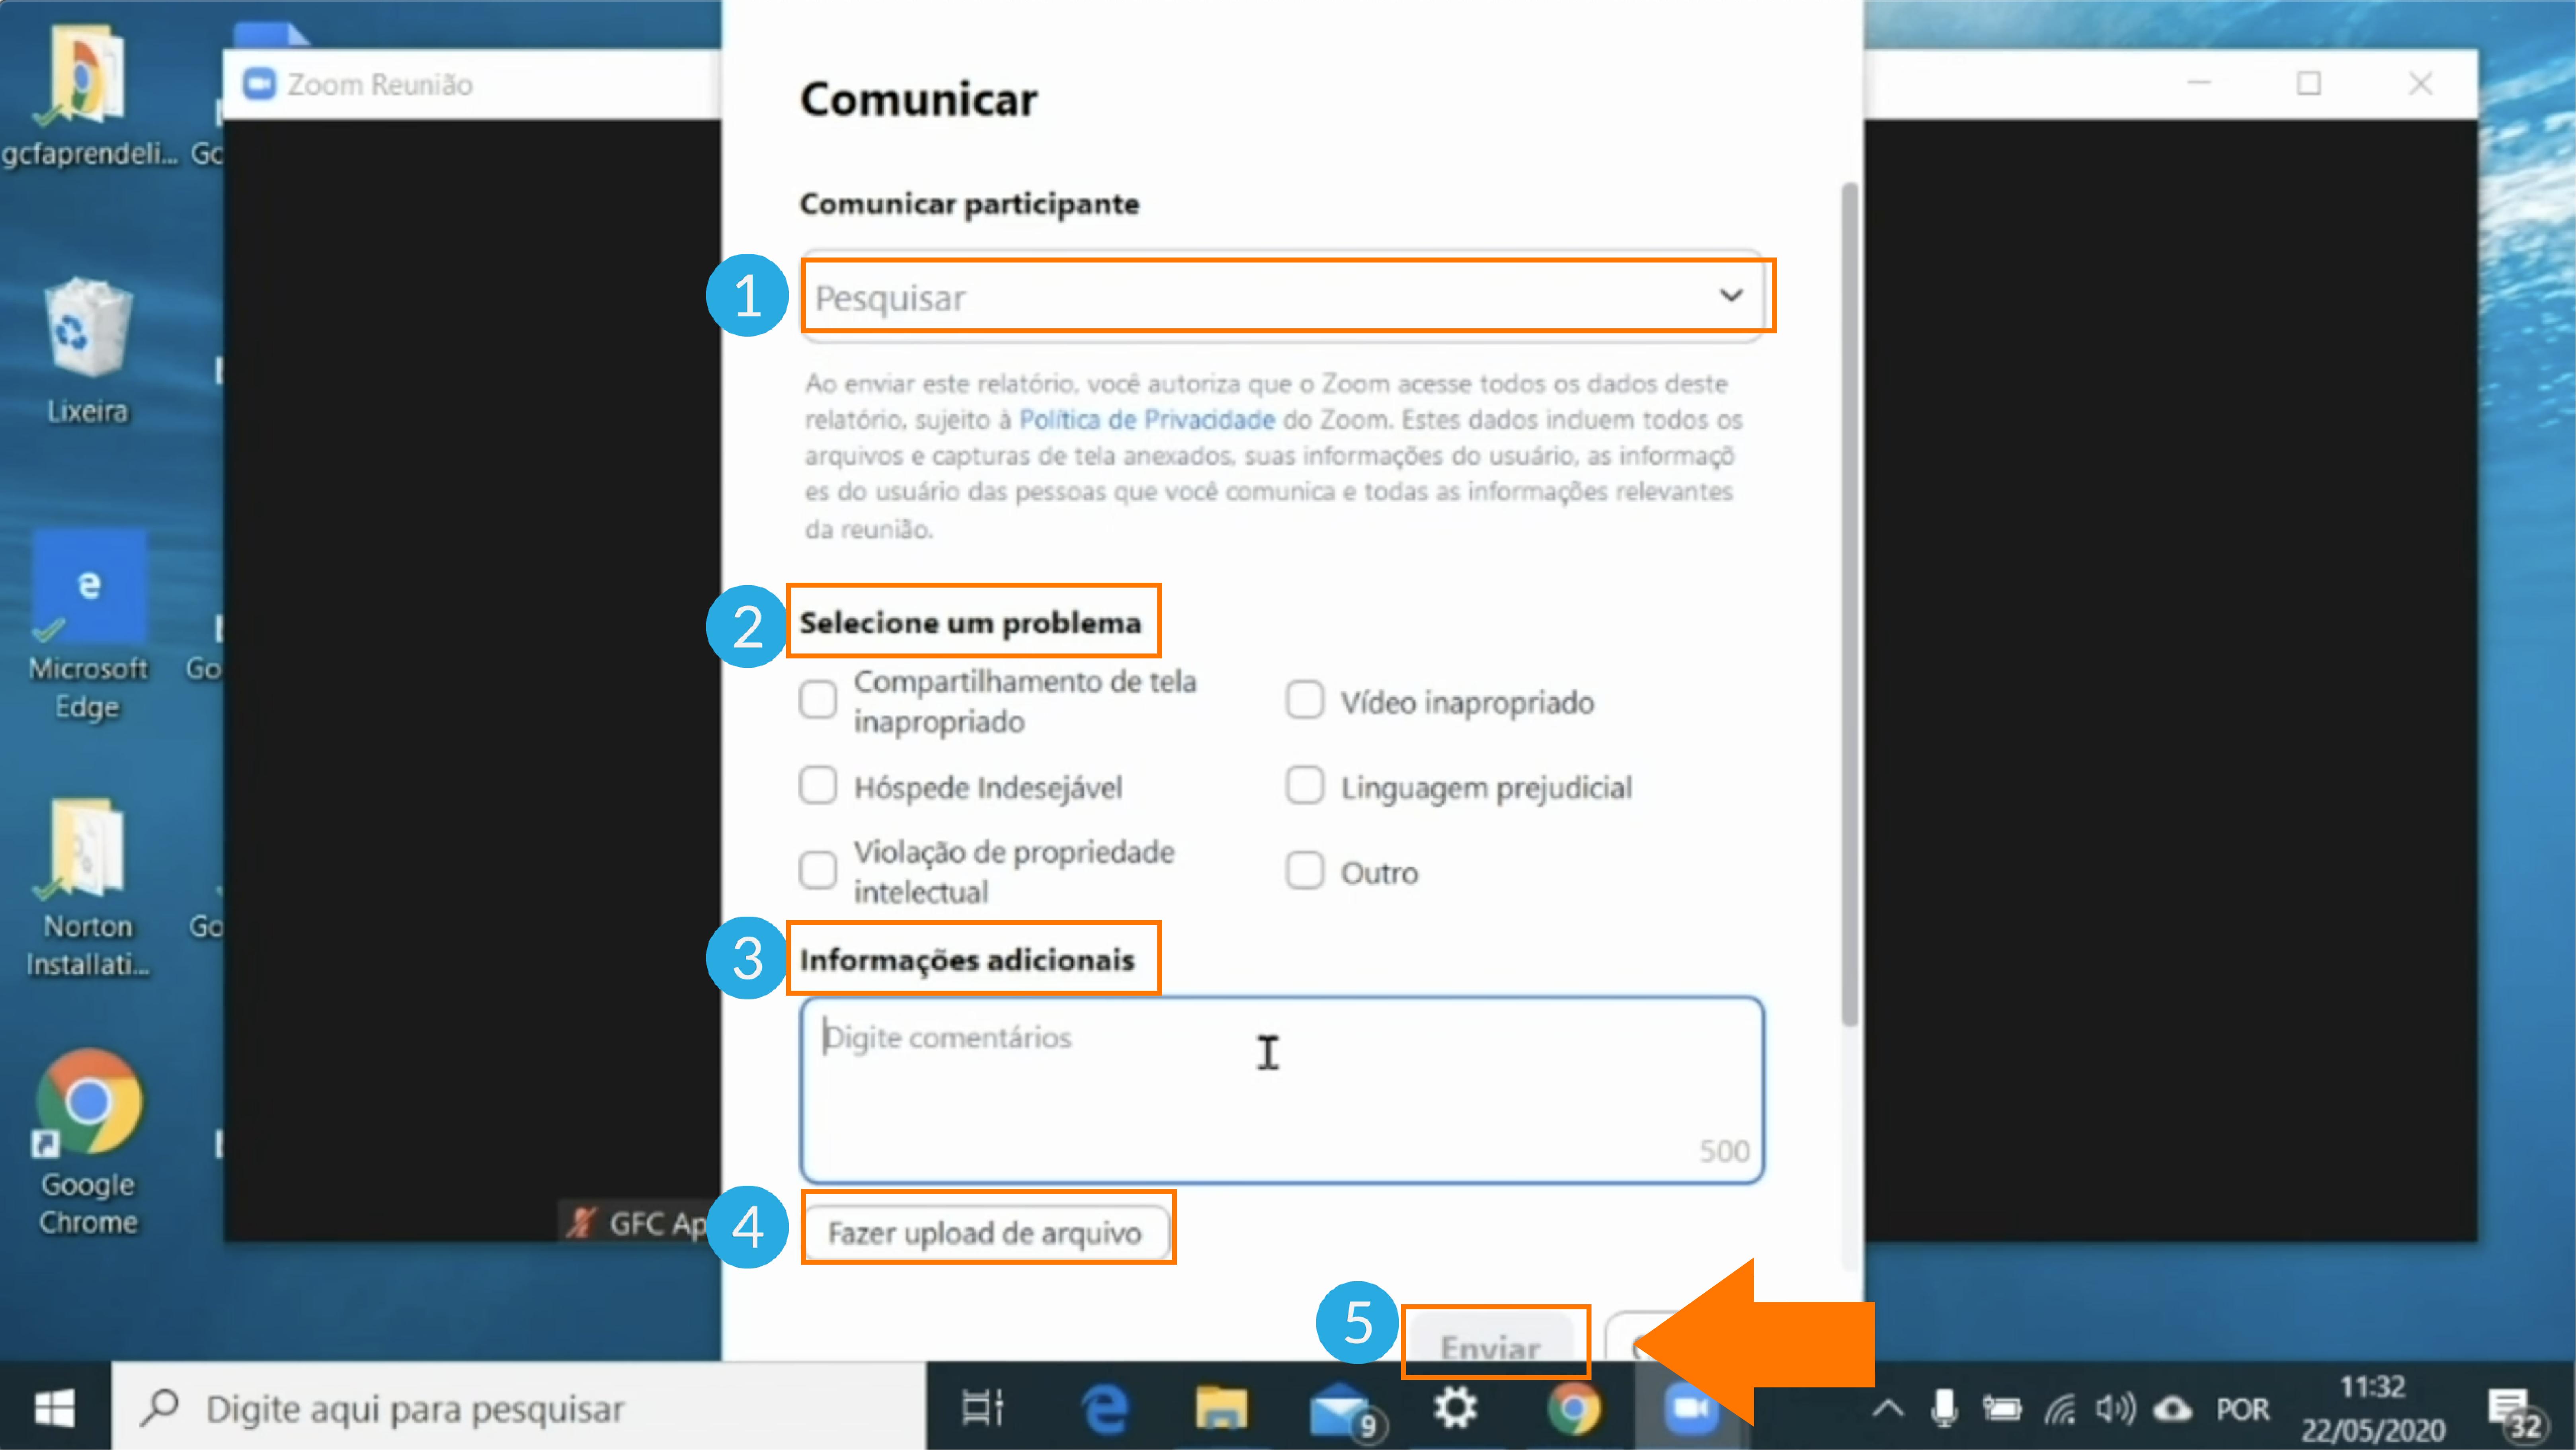 Imagem como comunicar um participante do zoom2